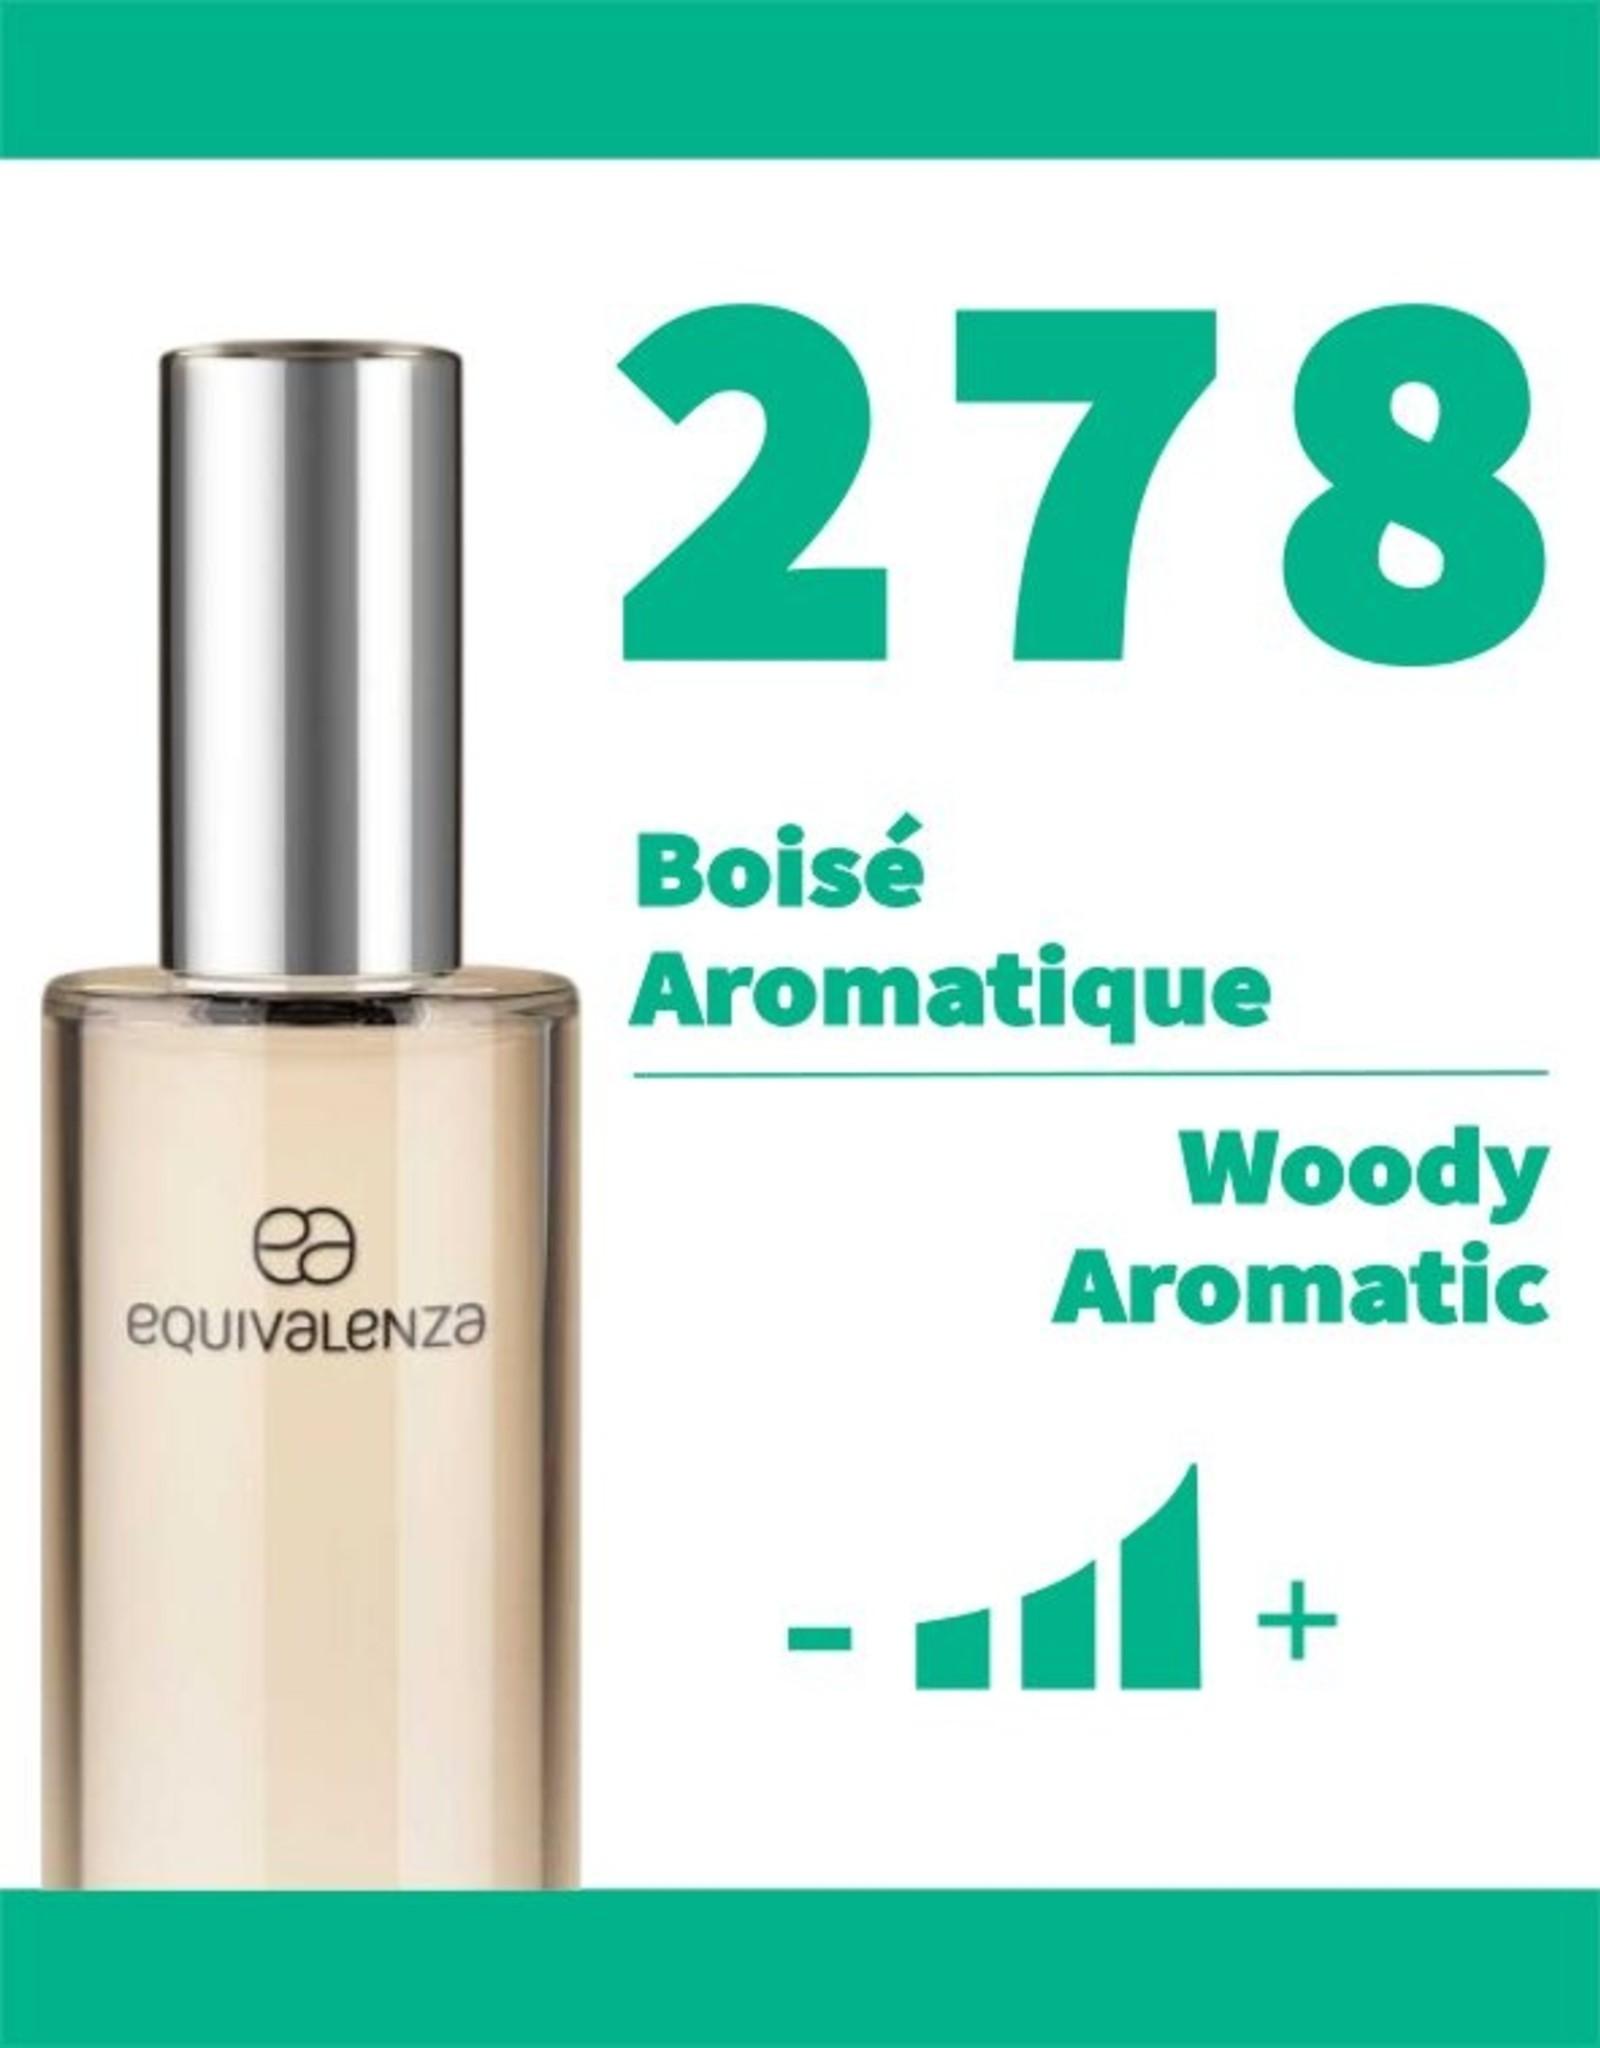 Equivalenza Eau de Toilette Boisé Aromatique 278